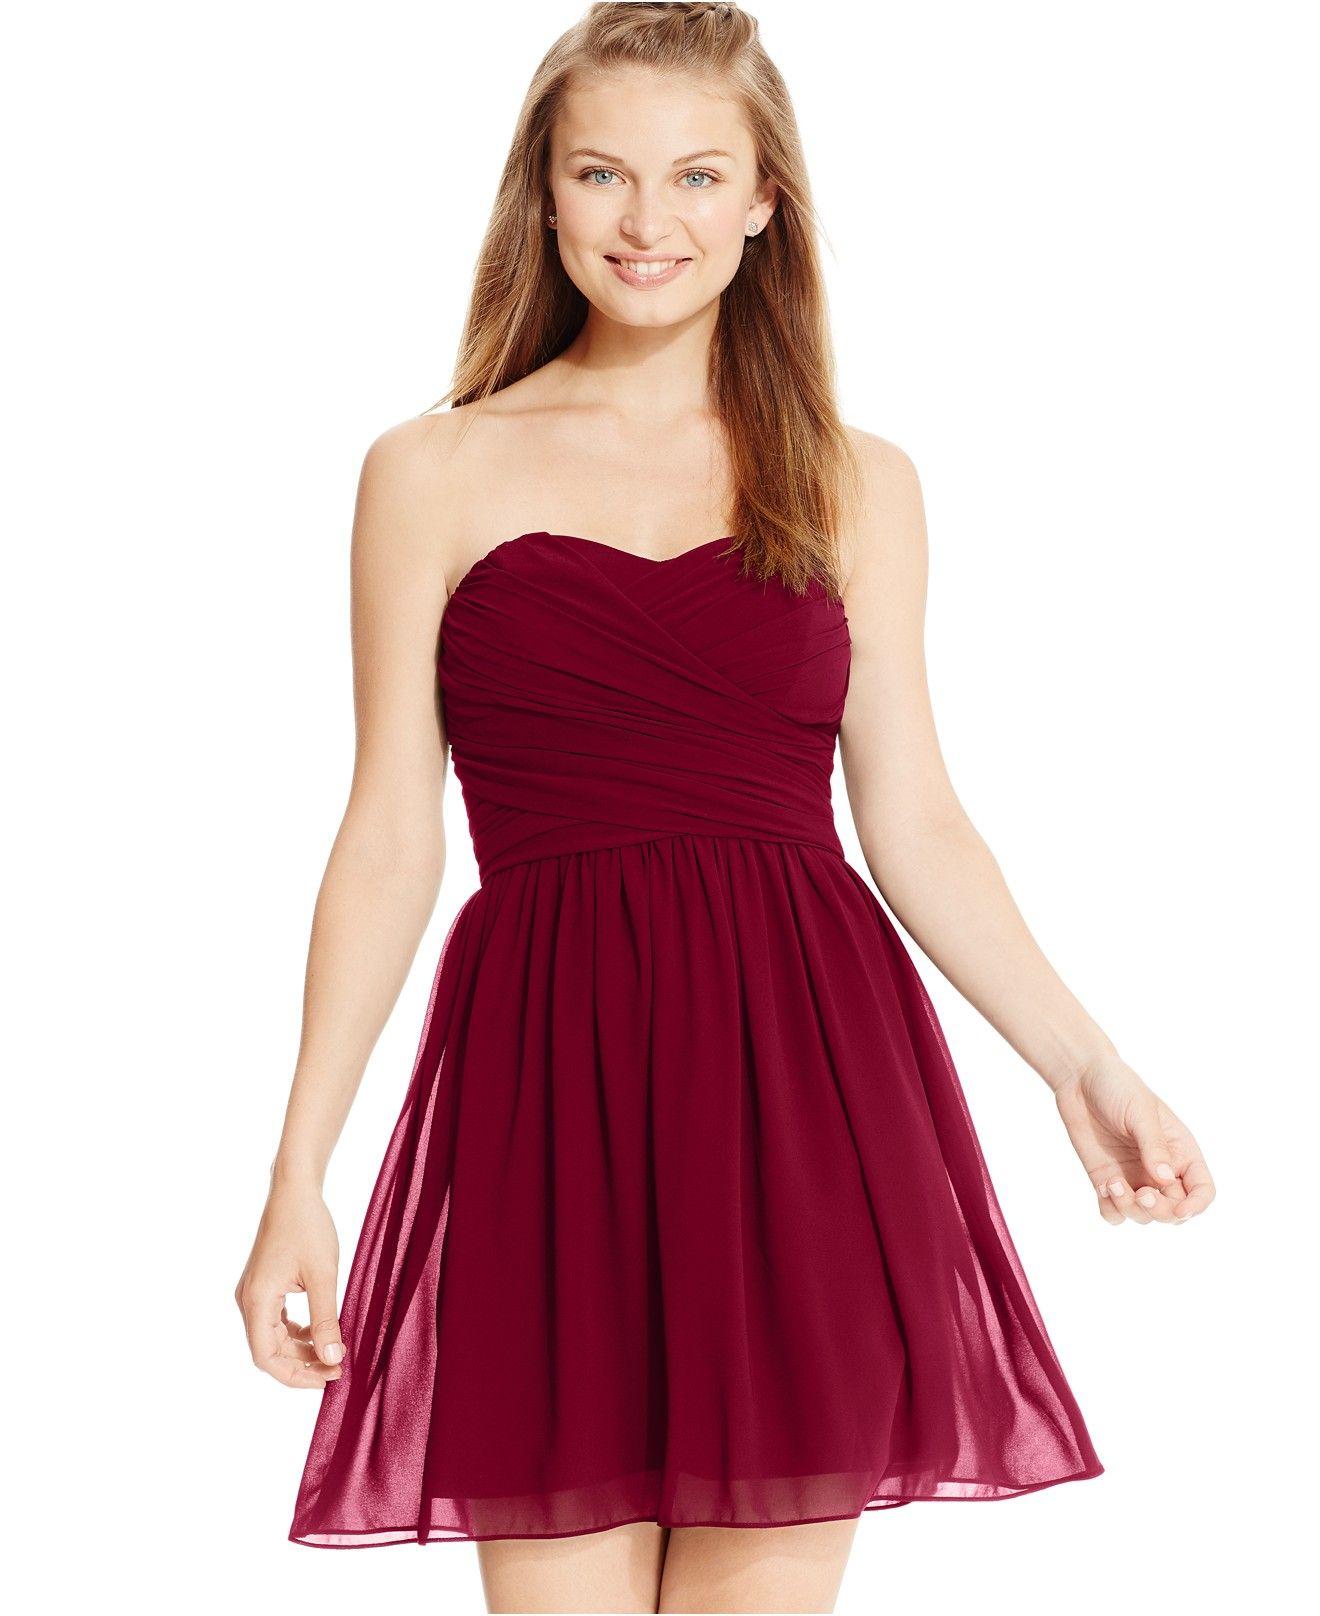 Cheap fashion forward dresses for juniors